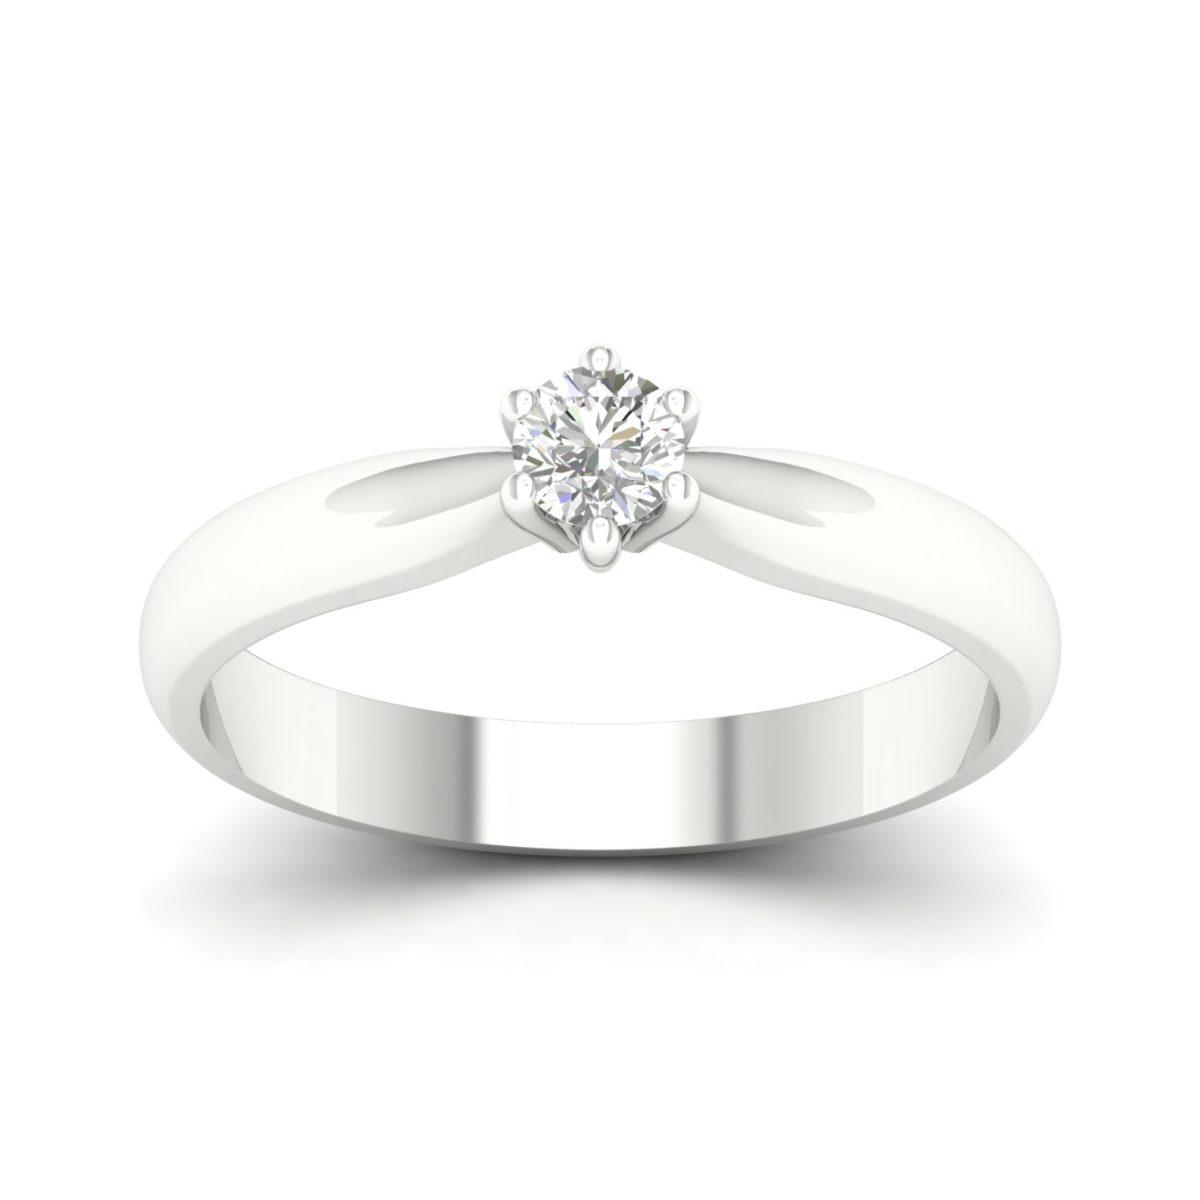 Kullast sõrmus teemantiga 0,15 ct. Kood: 38hb